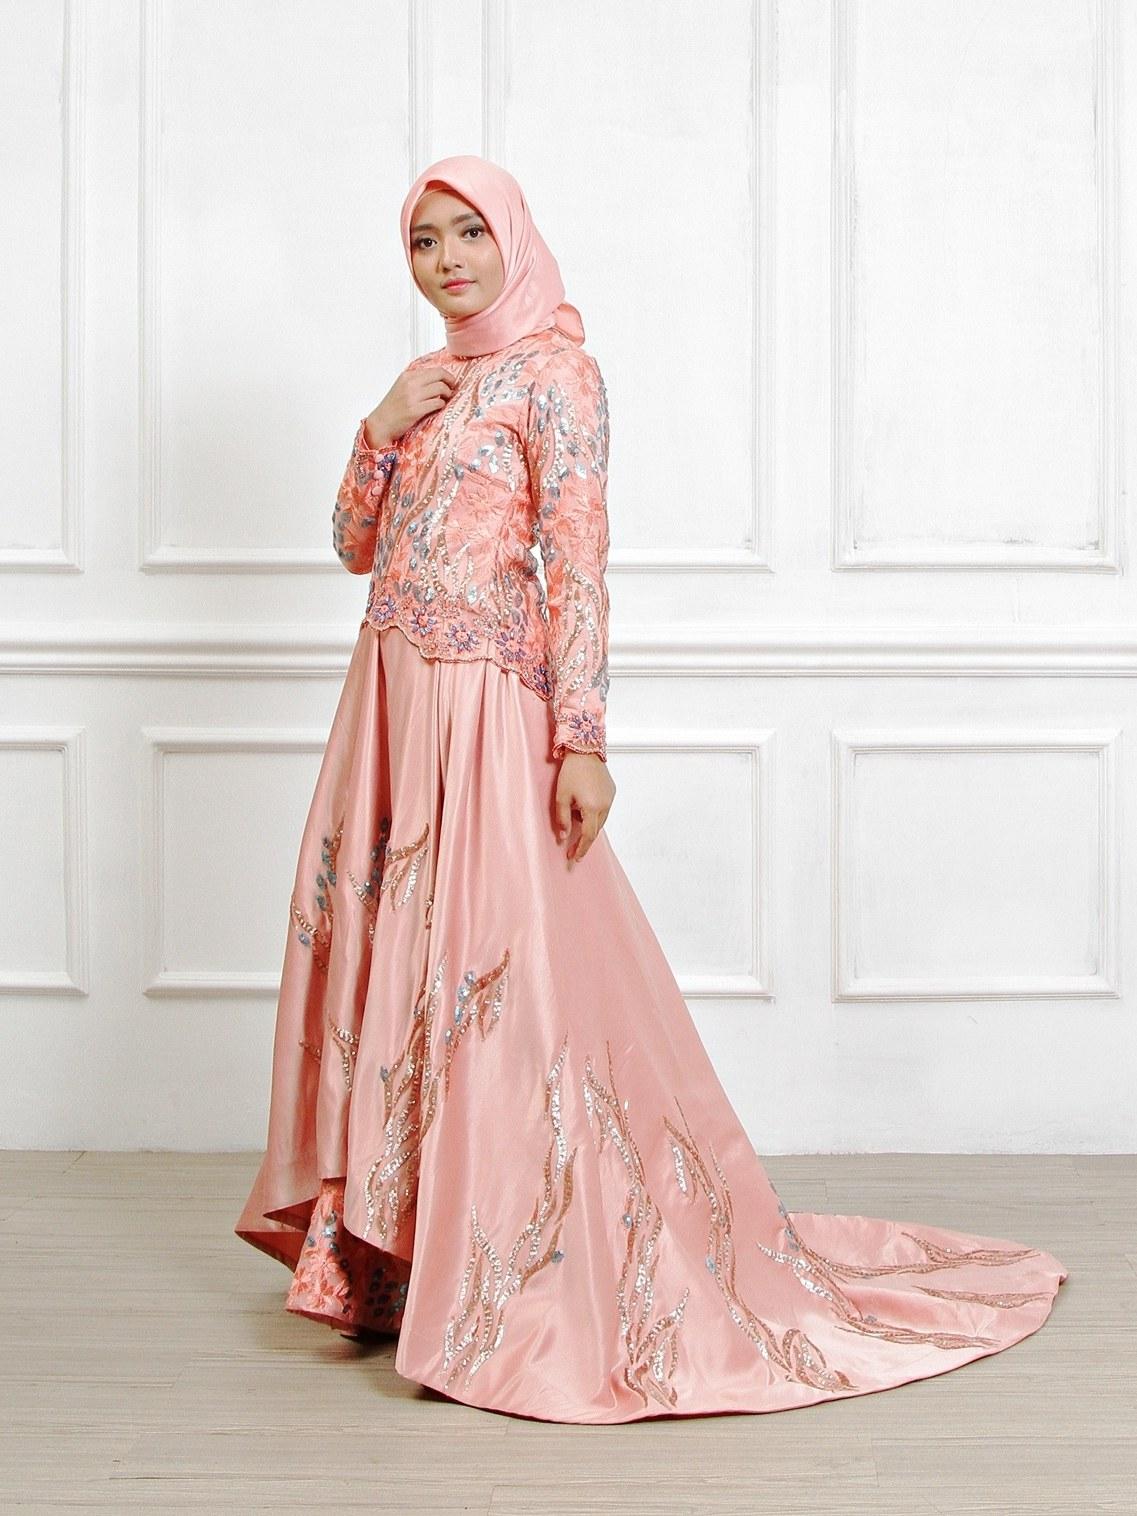 Bentuk Sewa Gaun Pengantin Muslimah 87dx Sewa Perdana Baju Pengantin Muslimah Jogja Gaun Pengantin